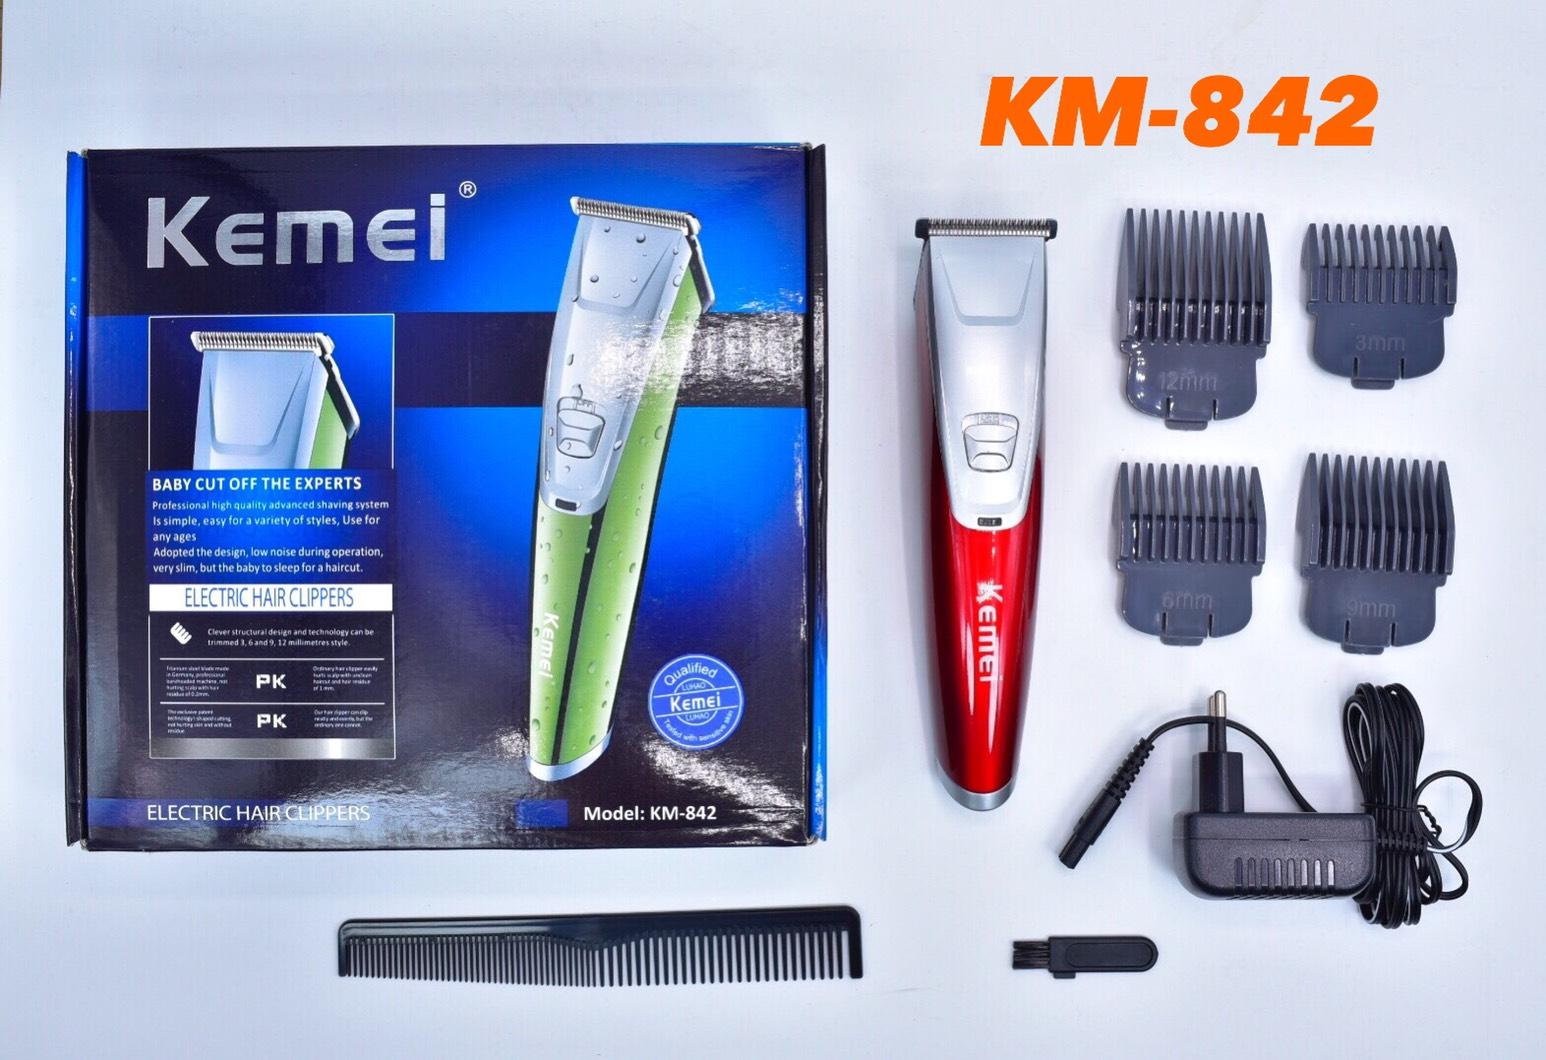 ปัตเตอเลี่ยน ไฟฟ้า KEMEi รุ่น KM-842